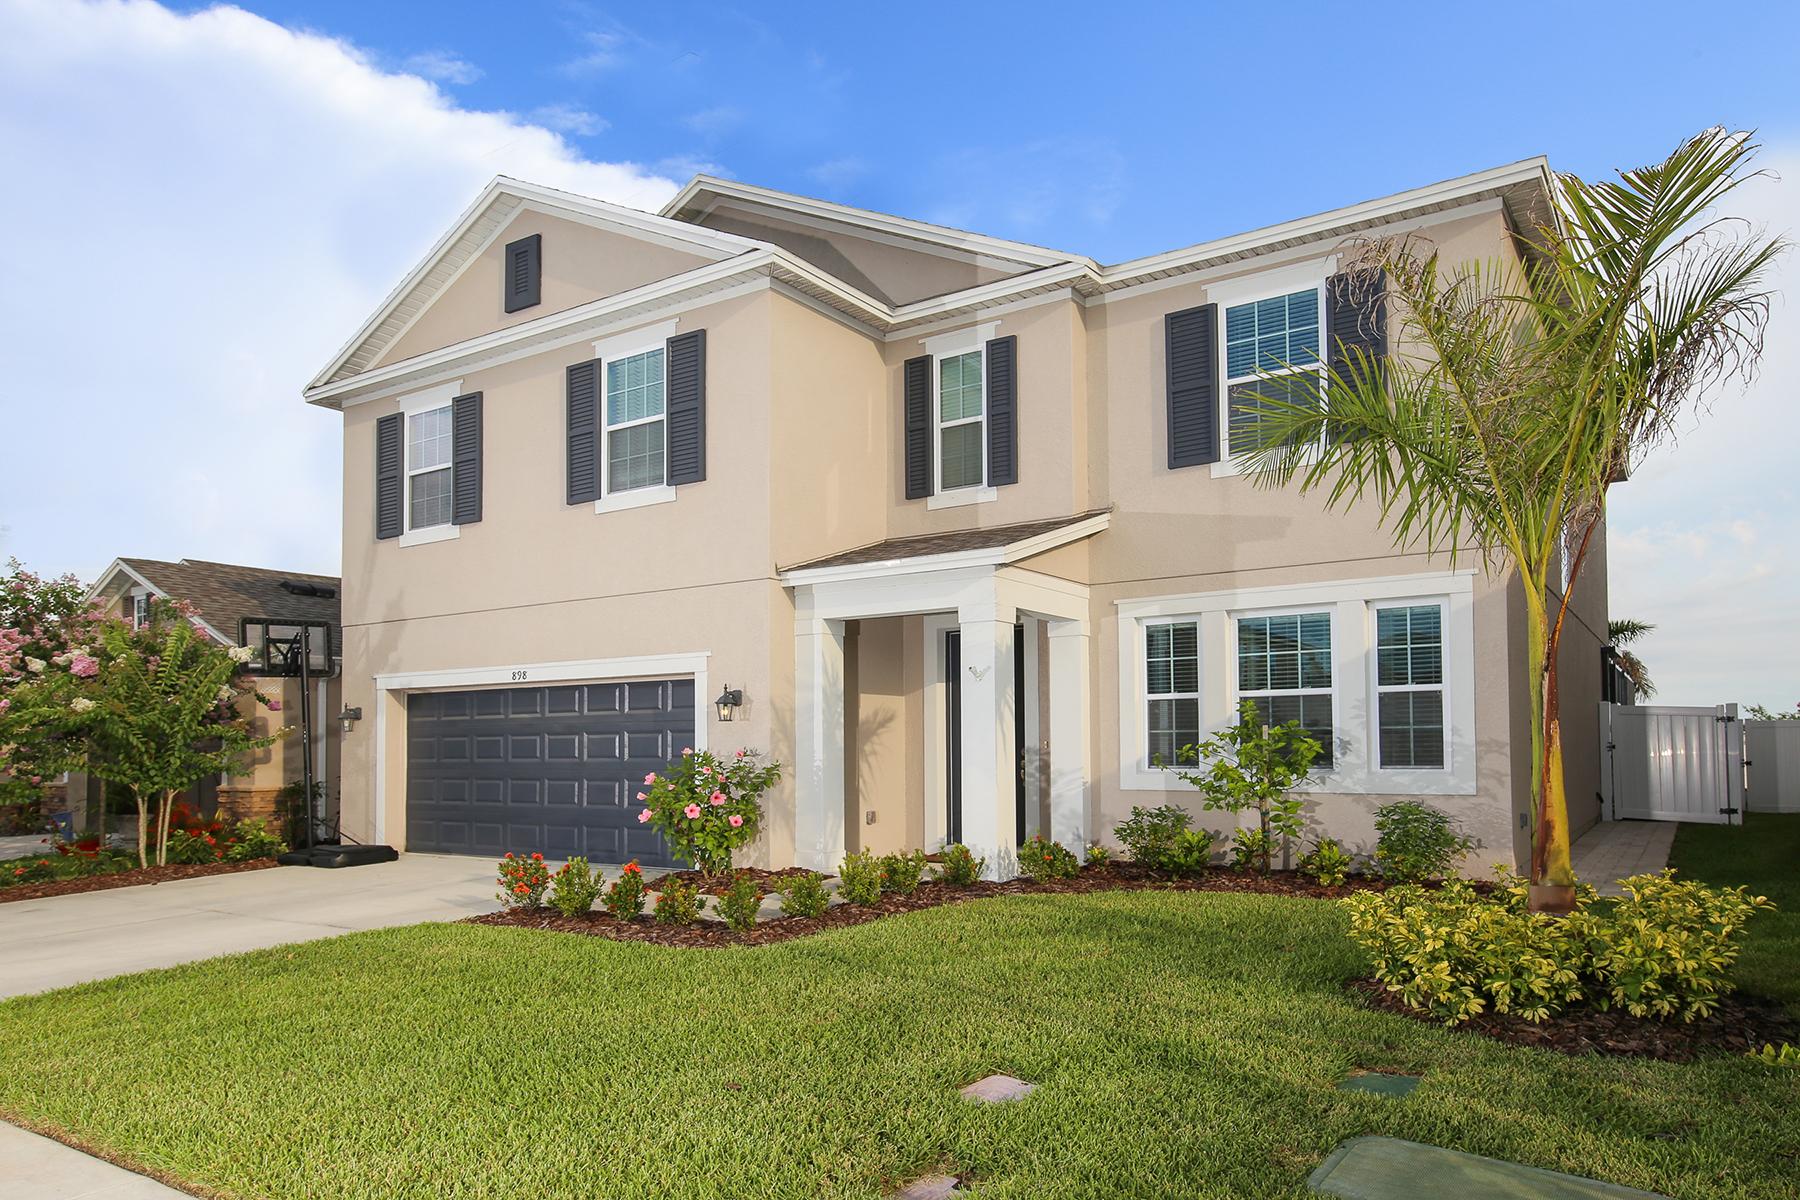 Casa para uma família para Venda às WHITAKER PARK OF SARASOTA 898 Molly Cir Sarasota, Florida, 34232 Estados Unidos